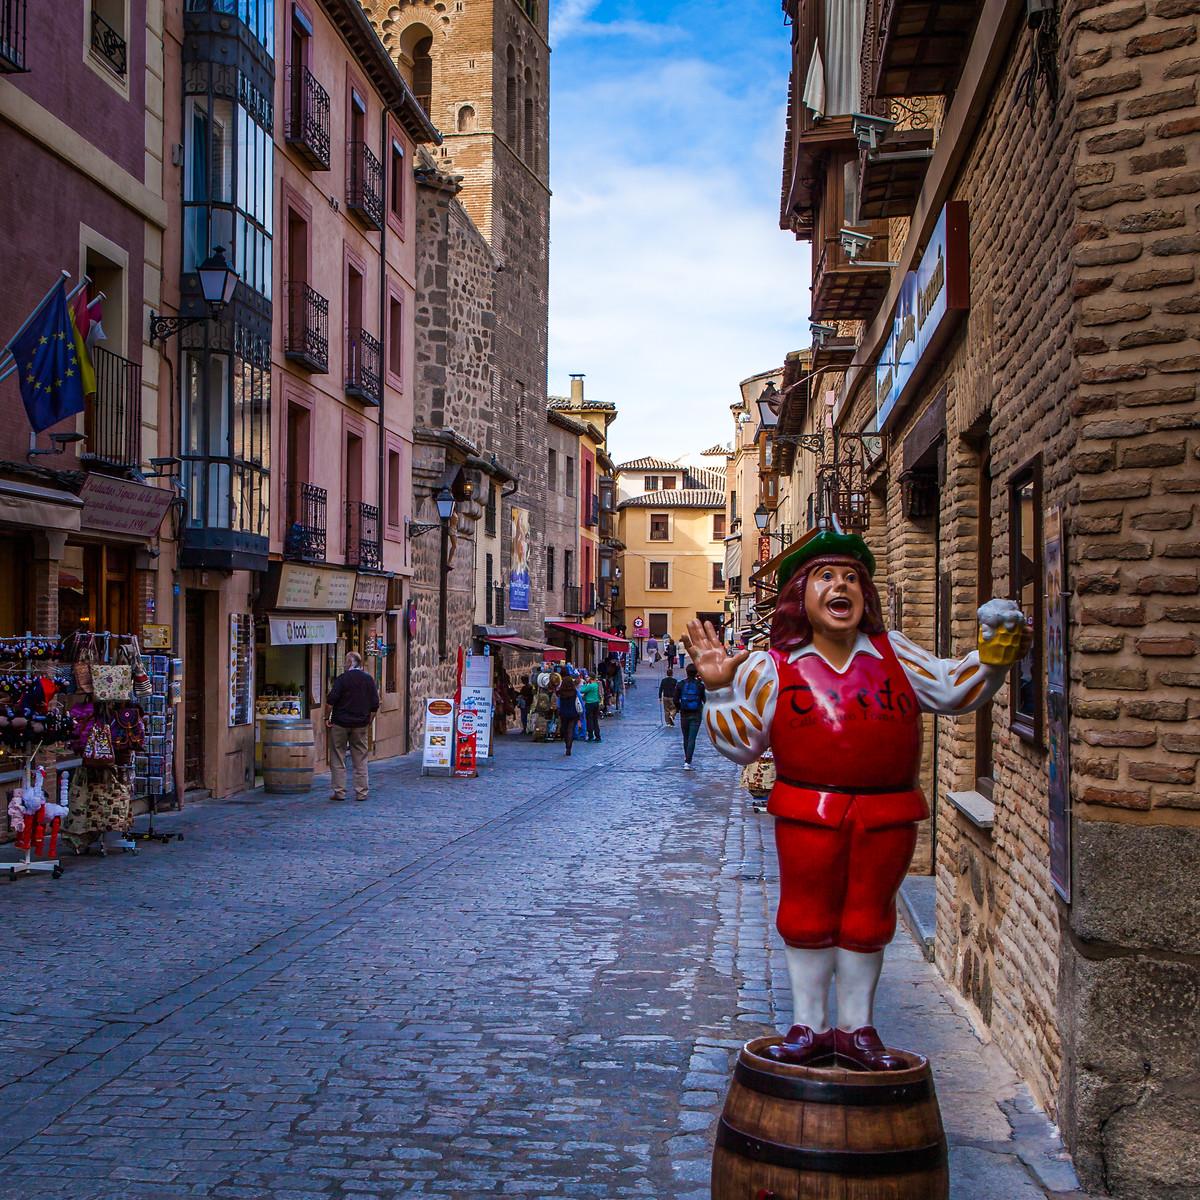 西班牙小镇的小弄堂_图1-8